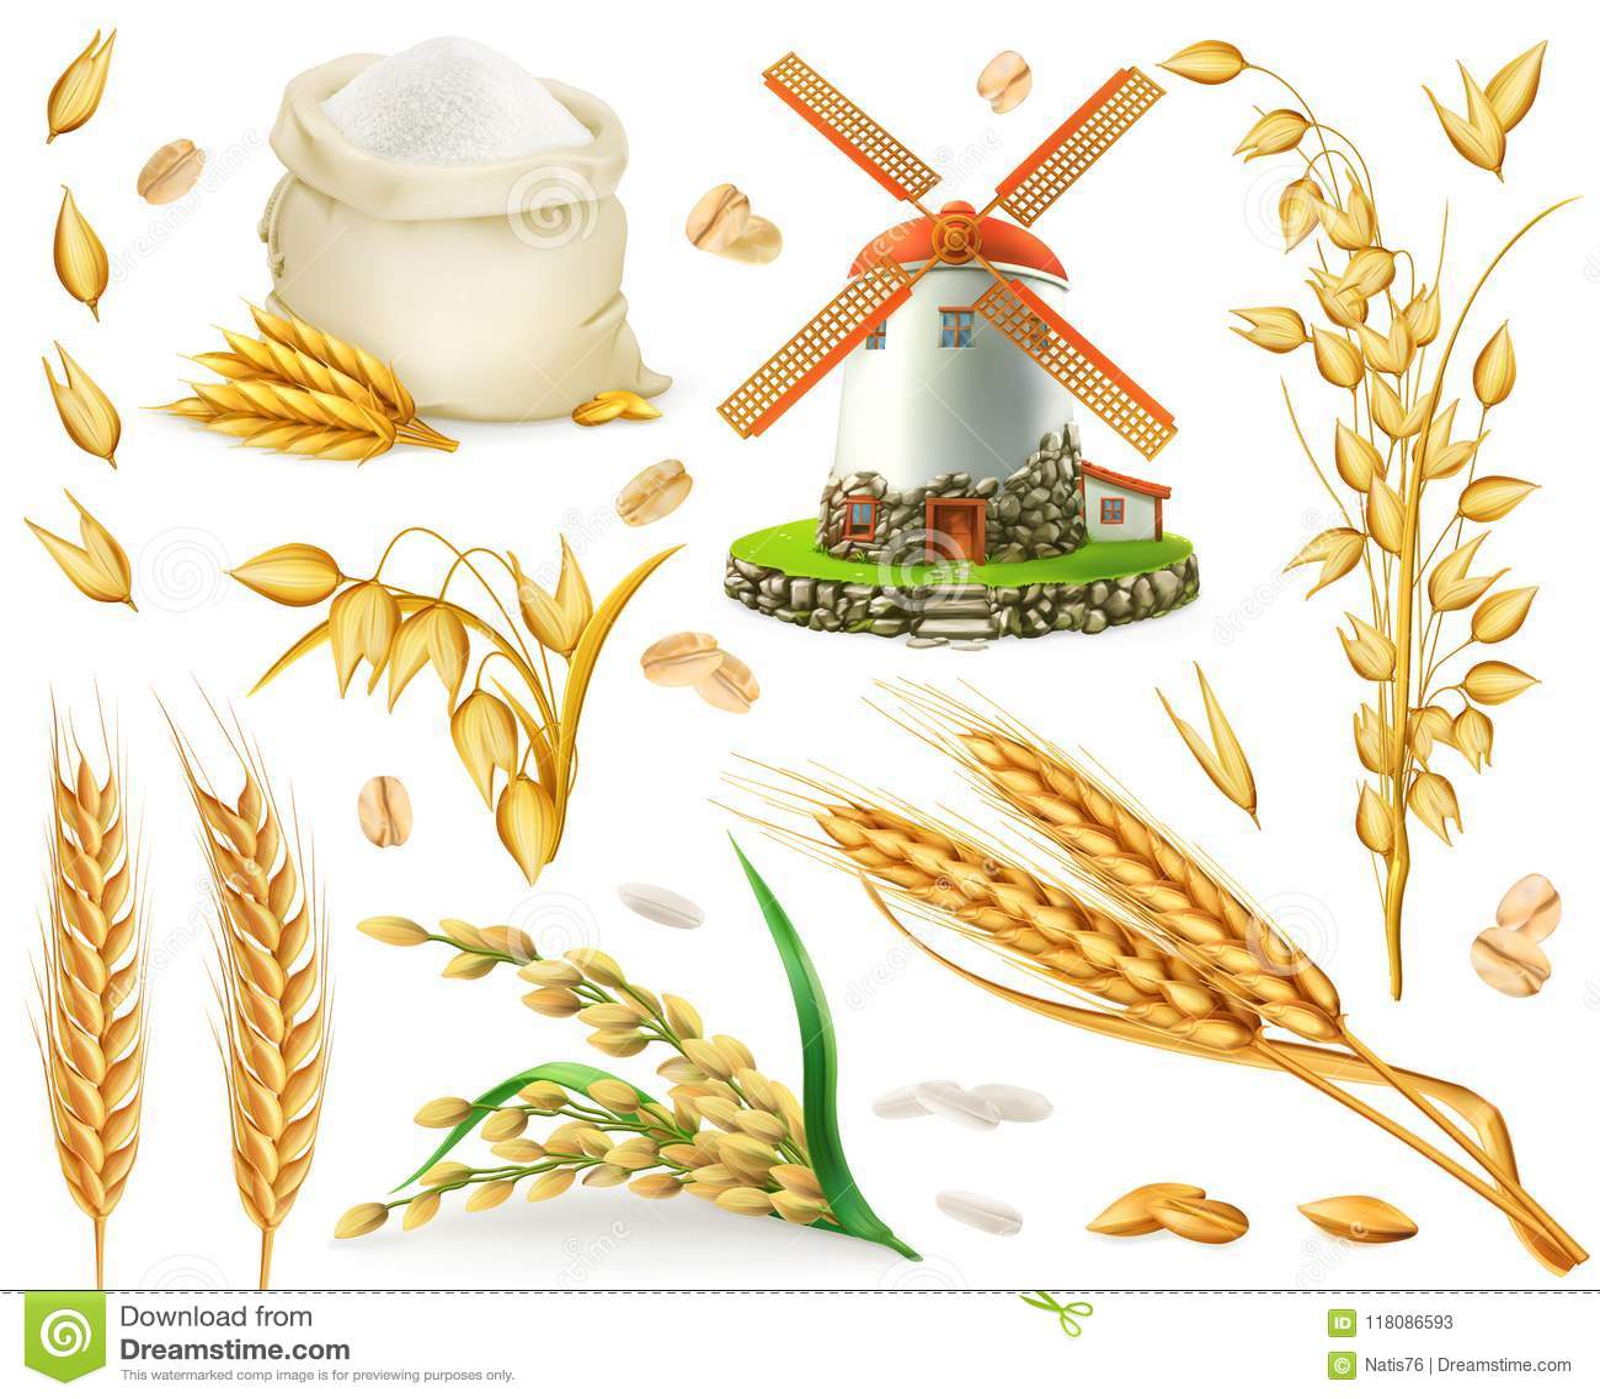 Weizen, Reis, Hafer, Gerste, Mehl, Mühle und Korn Ikonensatz des Vektors 3d